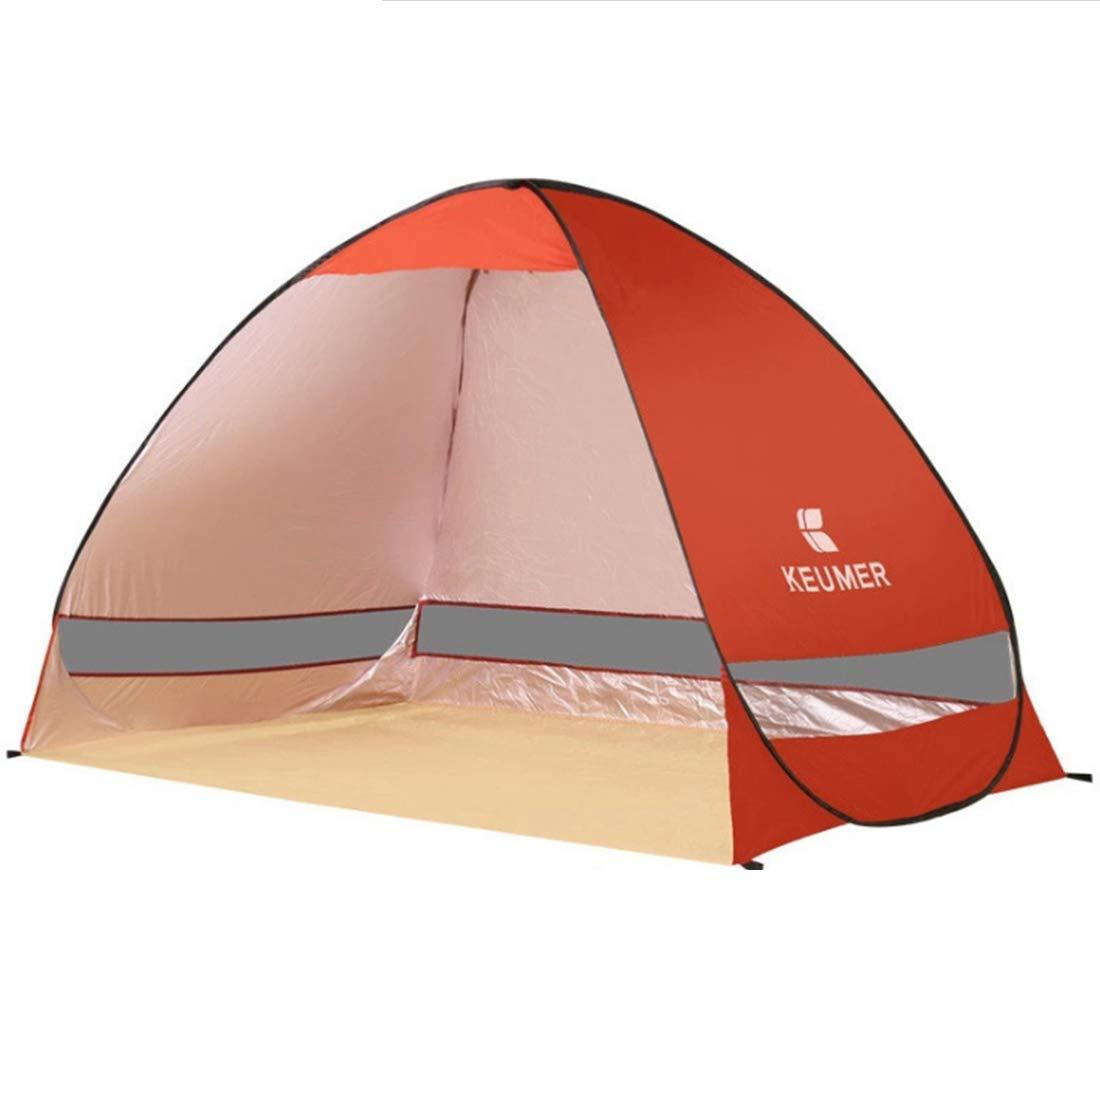 Xasclnis Im Freien kampierendes tragbares Zelt für Das Zelt mit 2 Personen (Farbe : ROT)